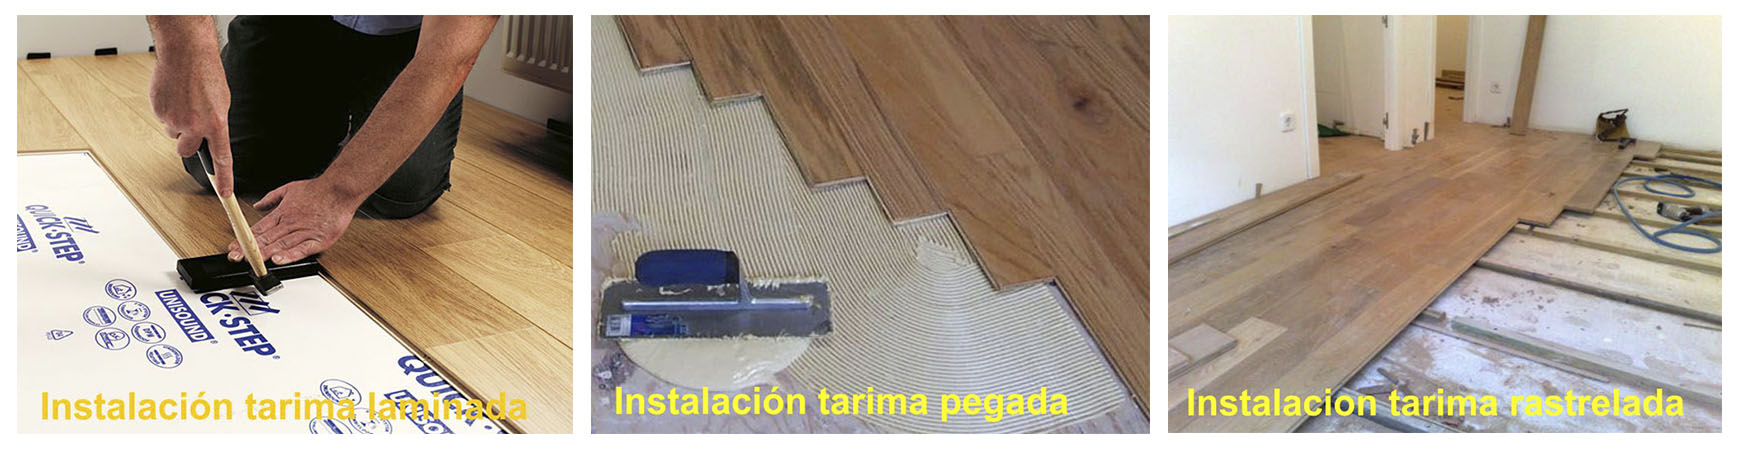 Arcolínea: Montador instalando una tarima laminada, otra tarima pegada y otra tarima rastrelada